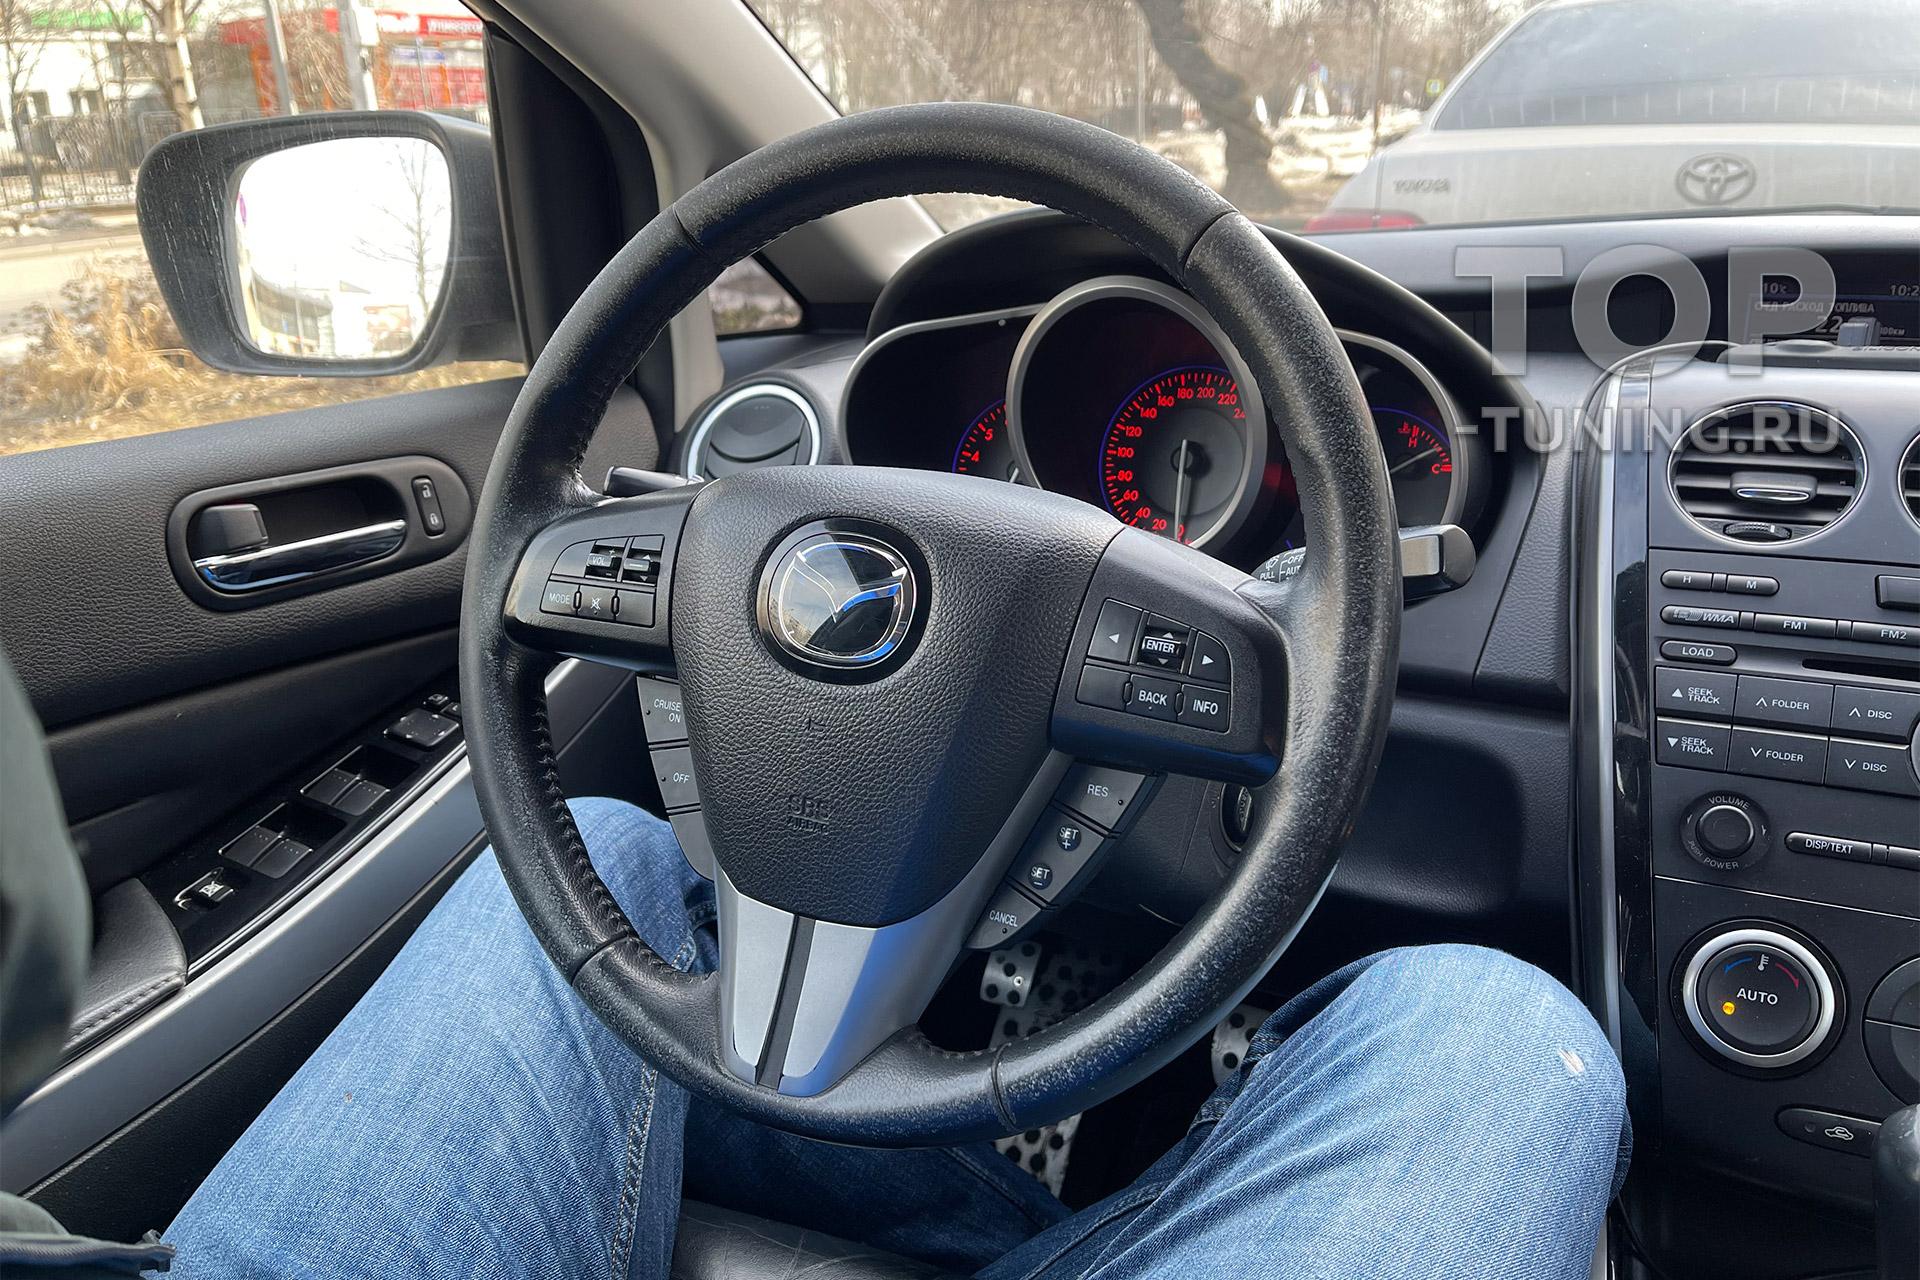 106027 Установка анатомического руля Ego Skill на Mazda CX-7